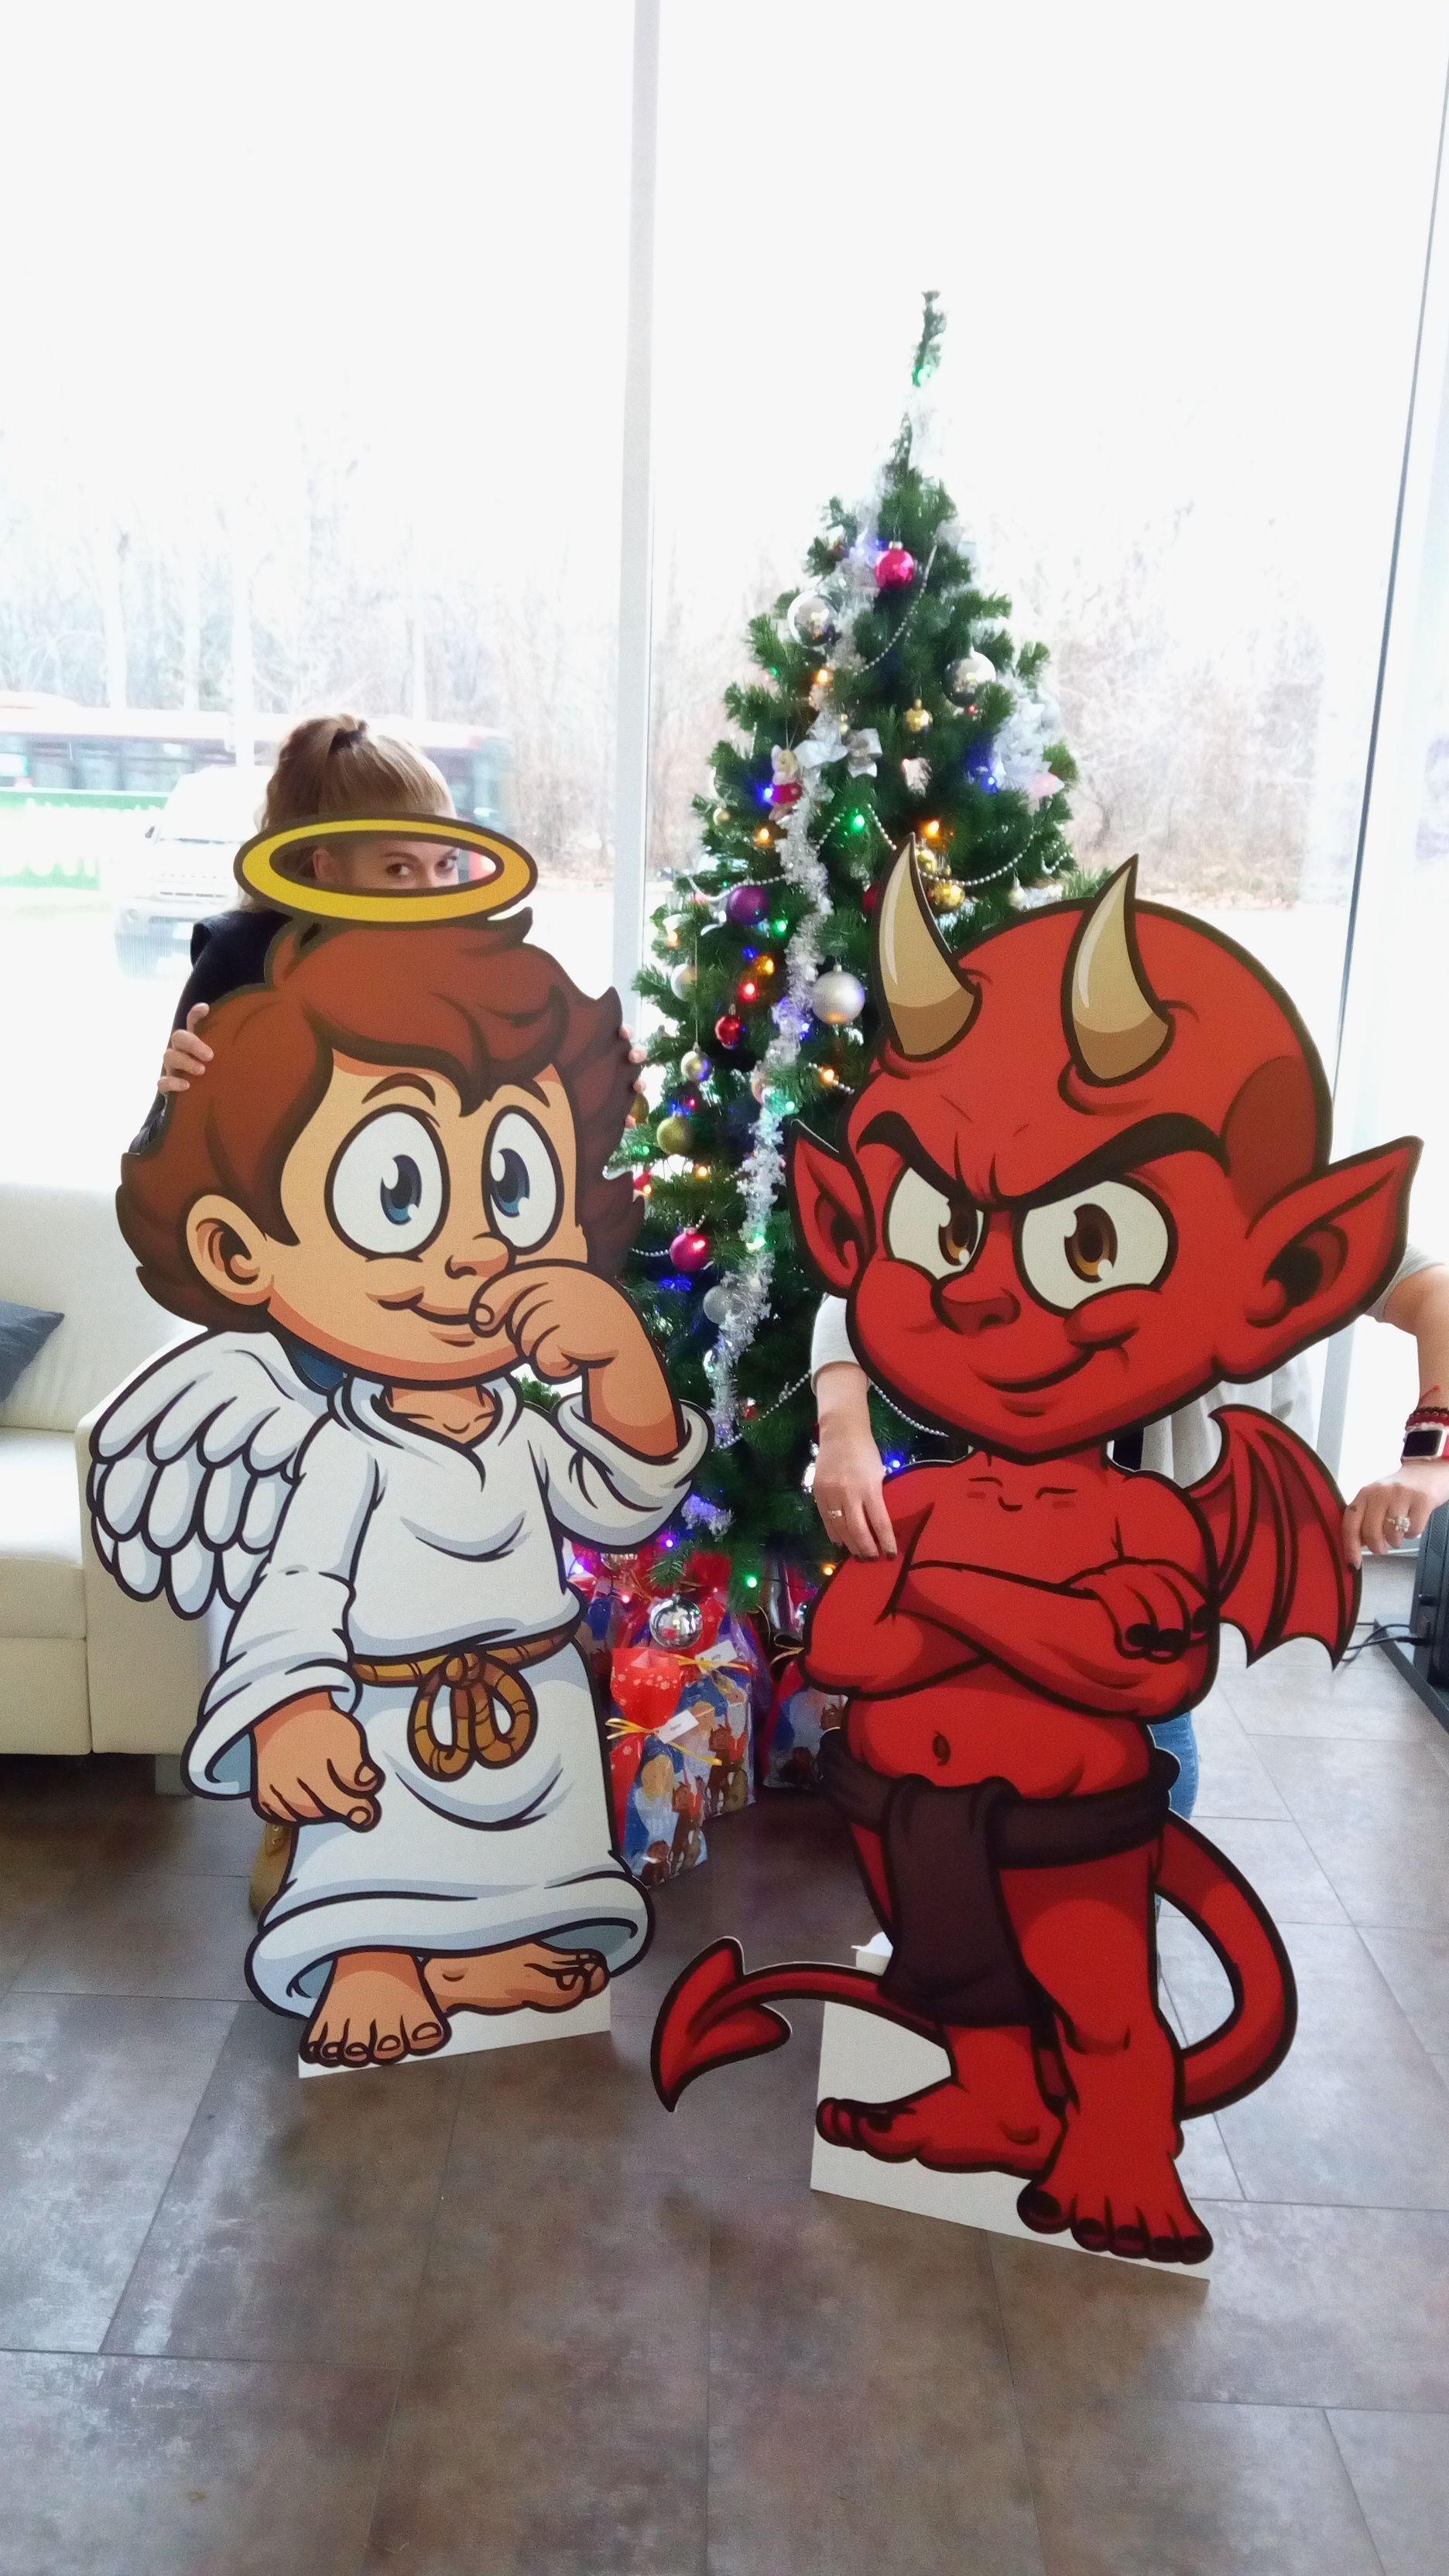 Kartónové #postavy #tlač #kartón #Vianoce #postavičky #anjel #čert #výroba #figurín